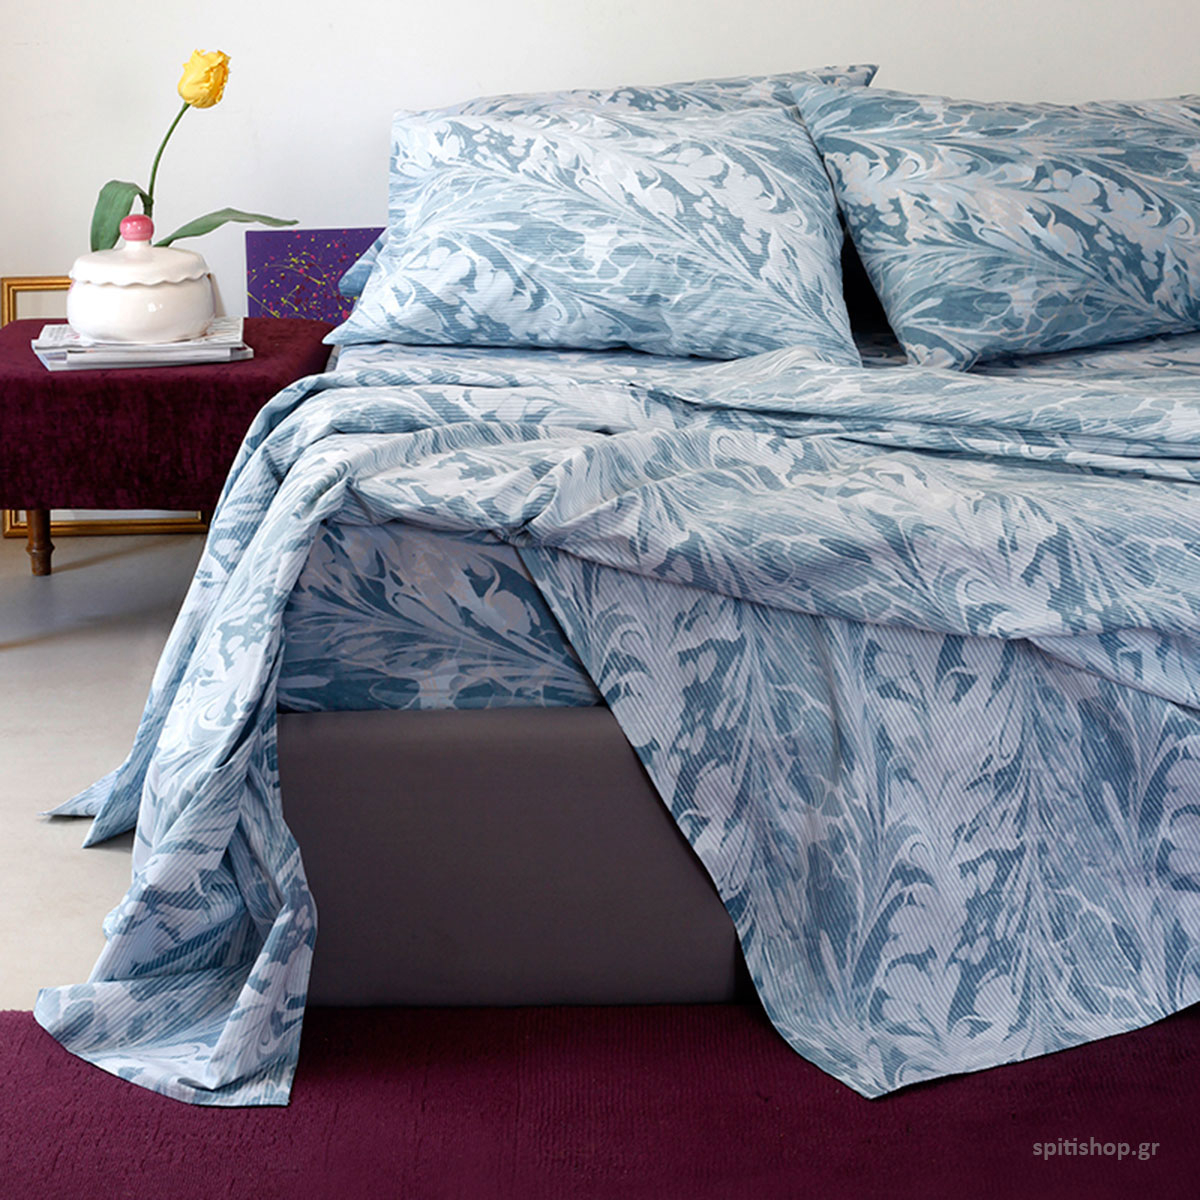 Σεντόνια Διπλά (Σετ) Melinen Ultra Brooks Blue ΧΩΡΙΣ ΛΑΣΤΙΧΟ 205X270 ΧΩΡΙΣ ΛΑΣΤΙΧΟ 205X270